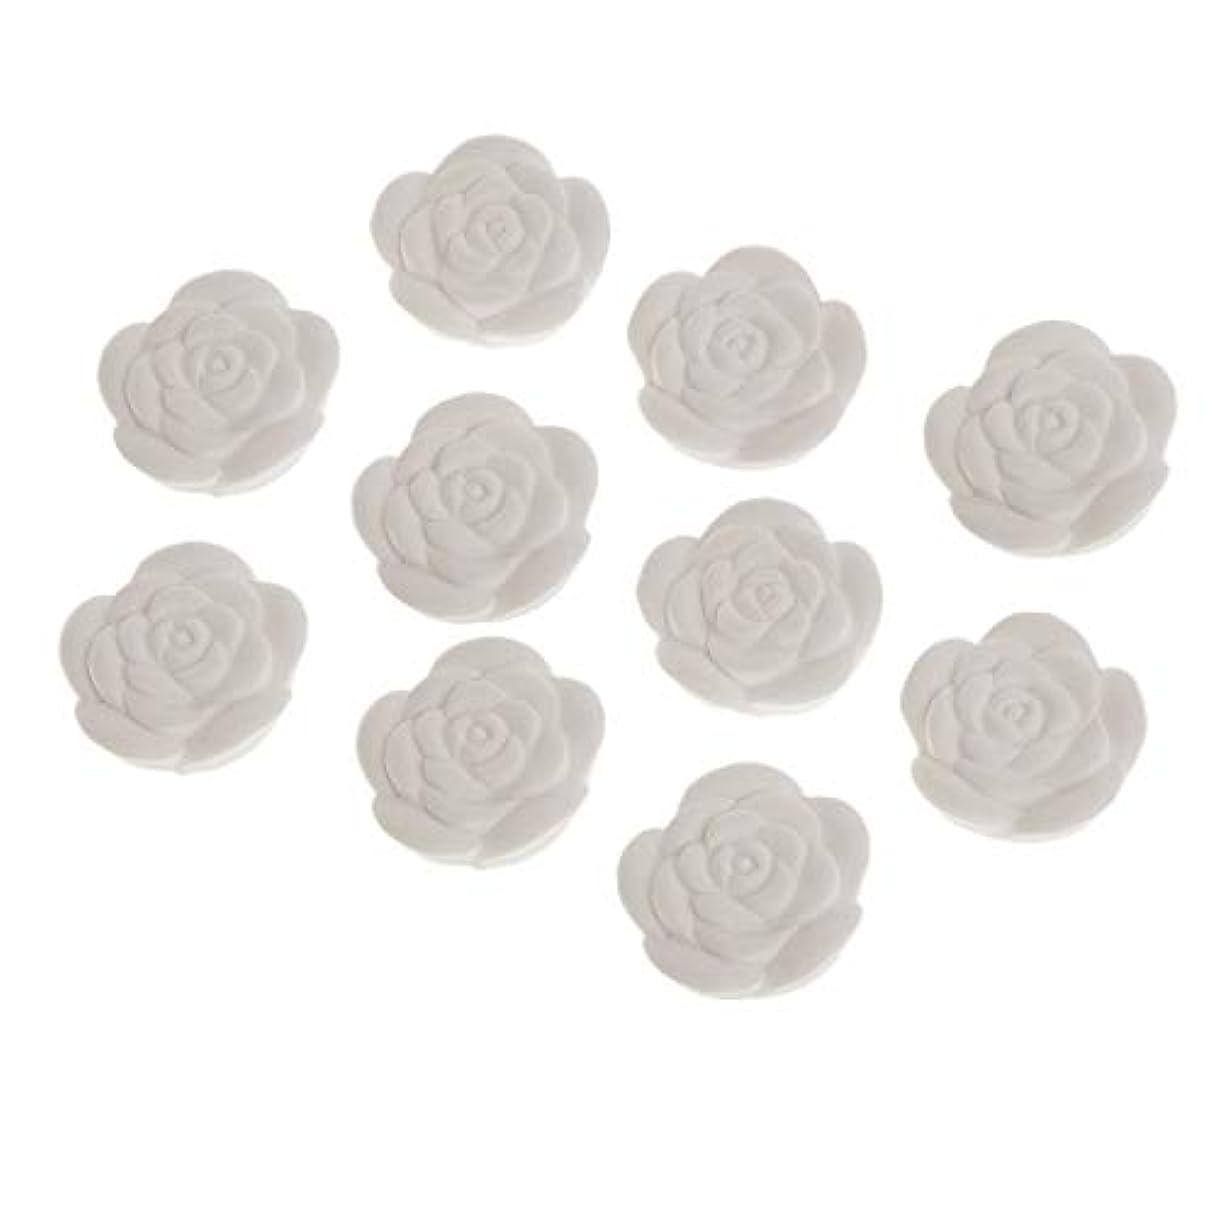 動かす複雑な獲物アロマストーン 石膏 花形 香り変更可能 トイレ用 車用 家用 寝室用 10個入り